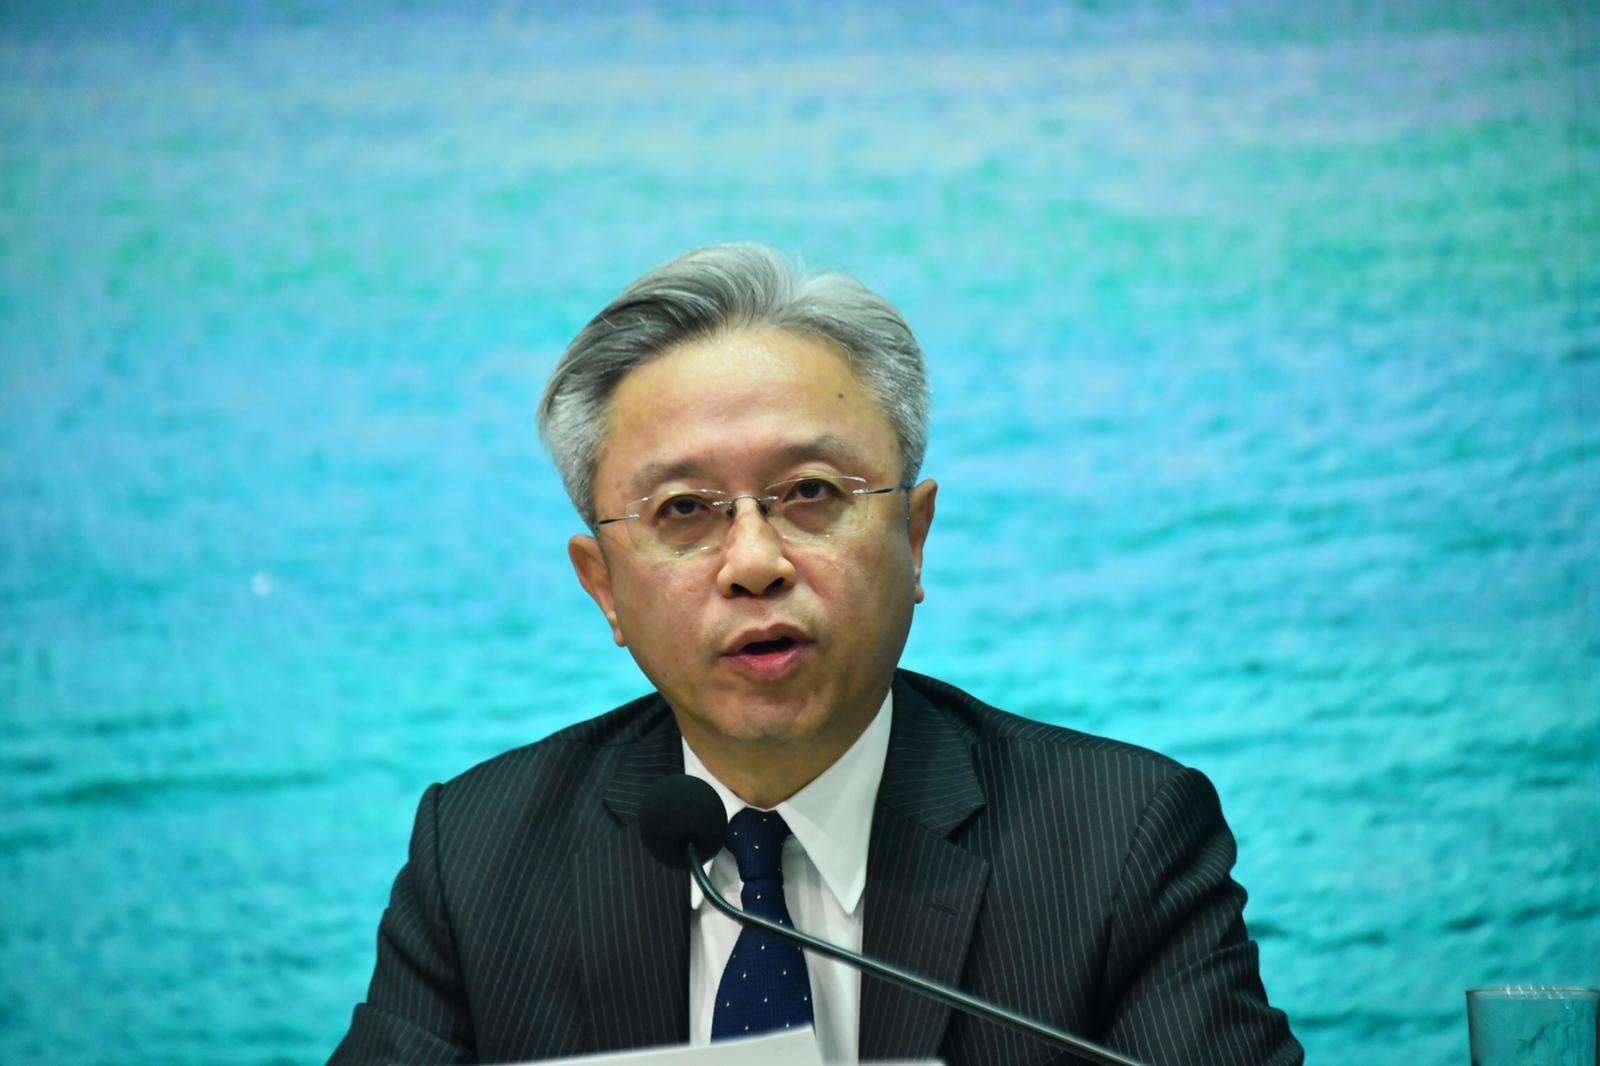 公务员被捕后即停职 罗智光:保障公众行益